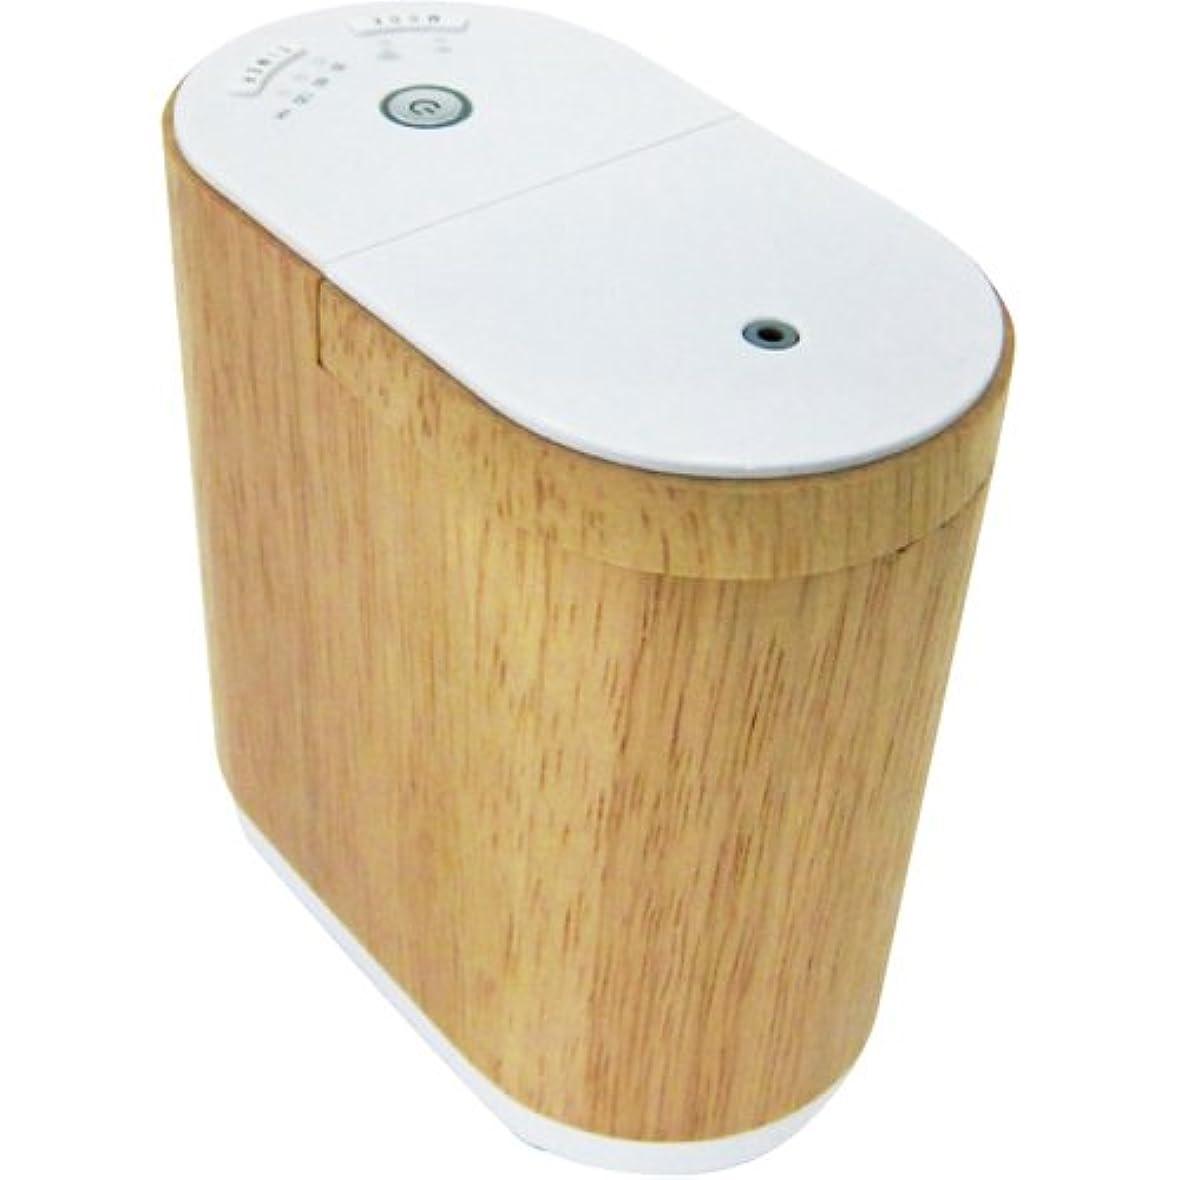 狂人骨の折れる登録生活の木 アロマディフューザー(ウッド)エッセンシャルオイルディフューザー aromore(アロモア) 08-801-6010